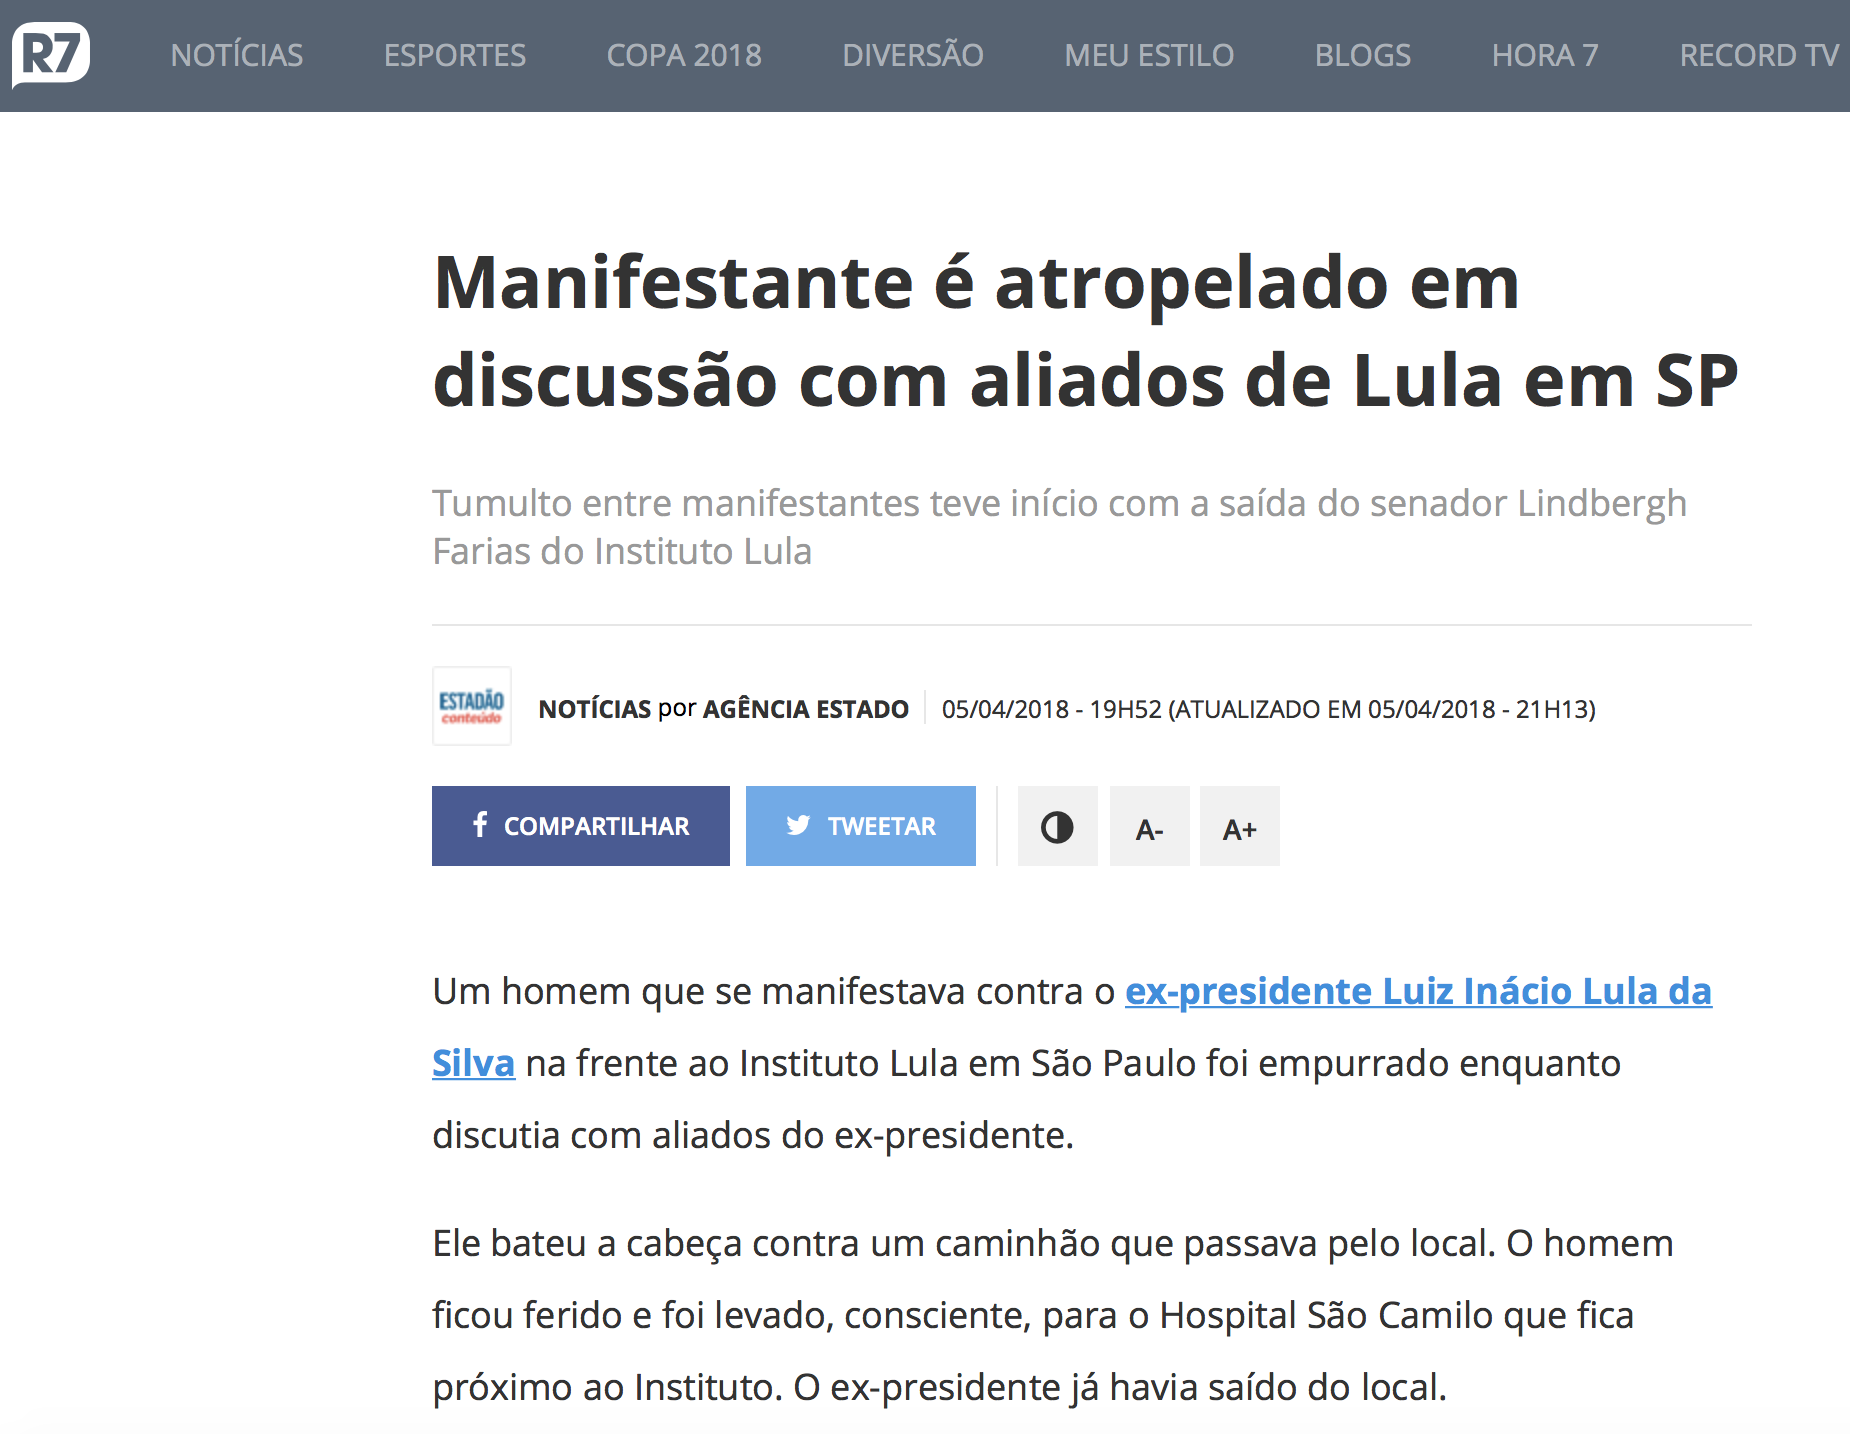 R7 da Rede Record sobre tentativa de homicídio no Instituto Lula